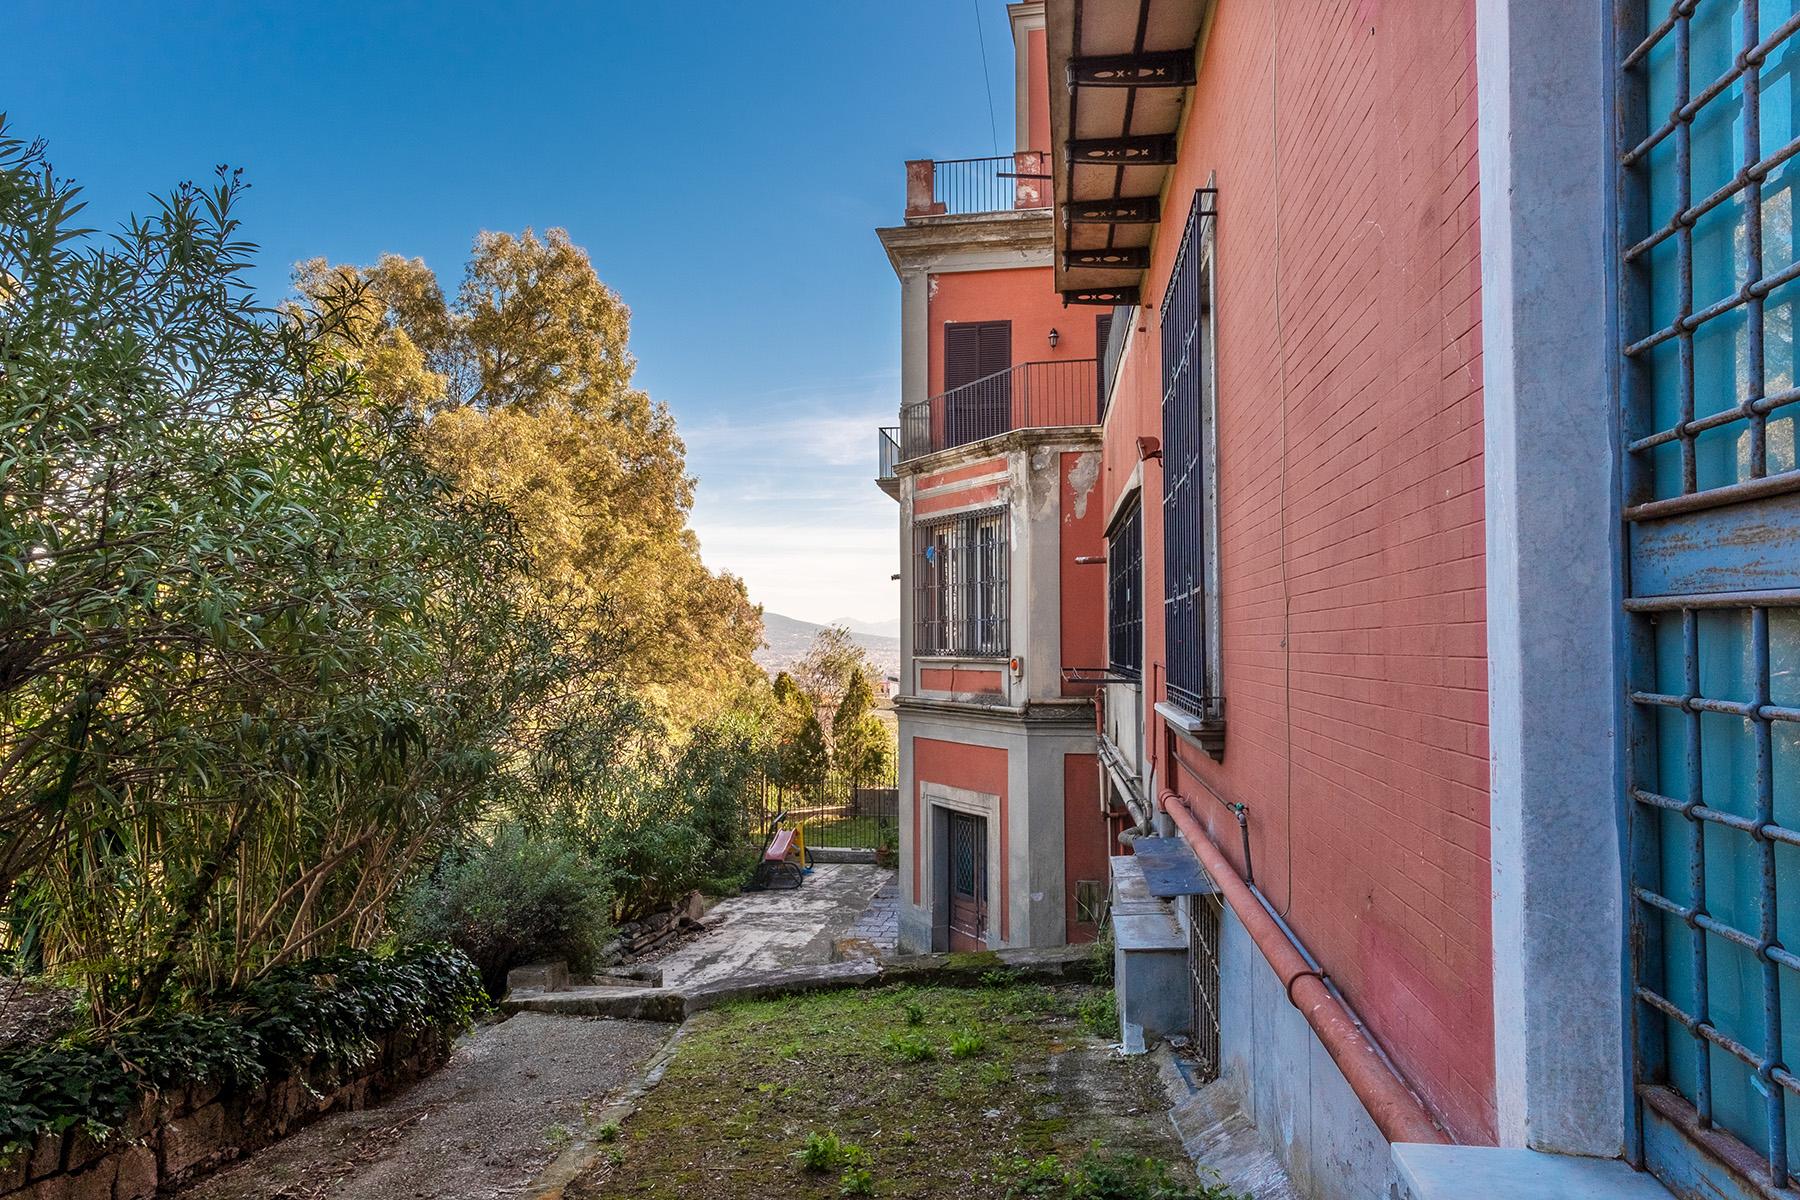 Casa indipendente in Vendita a Napoli: 5 locali, 300 mq - Foto 14